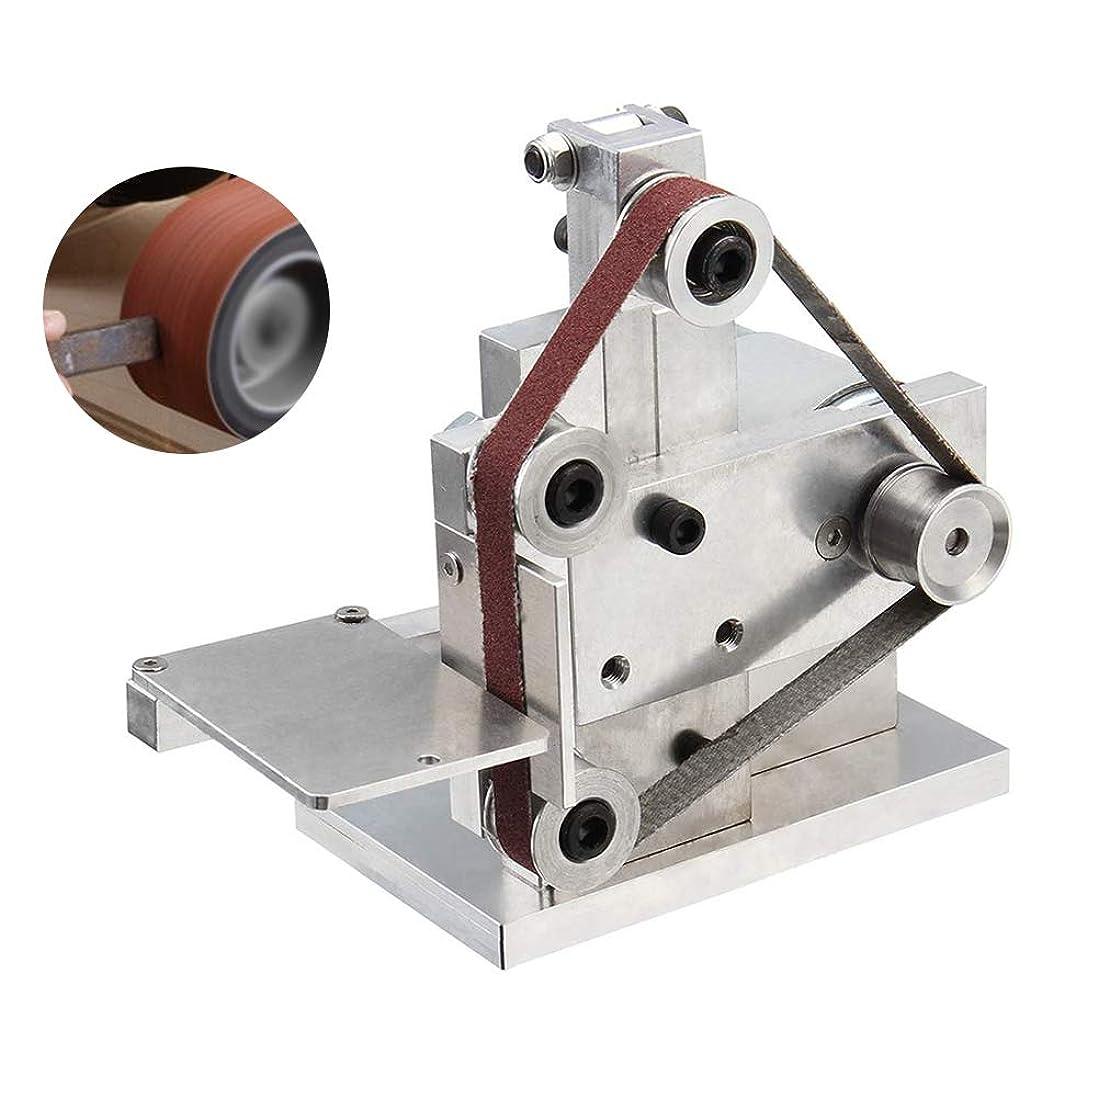 プール大少年研磨ベルト機 縦型 ミニ ベルトサンダー 金属/木材/アクリル適用 幅10mm×周長330mm 卓上型 7段階調速 4500-9000RPM調整可能